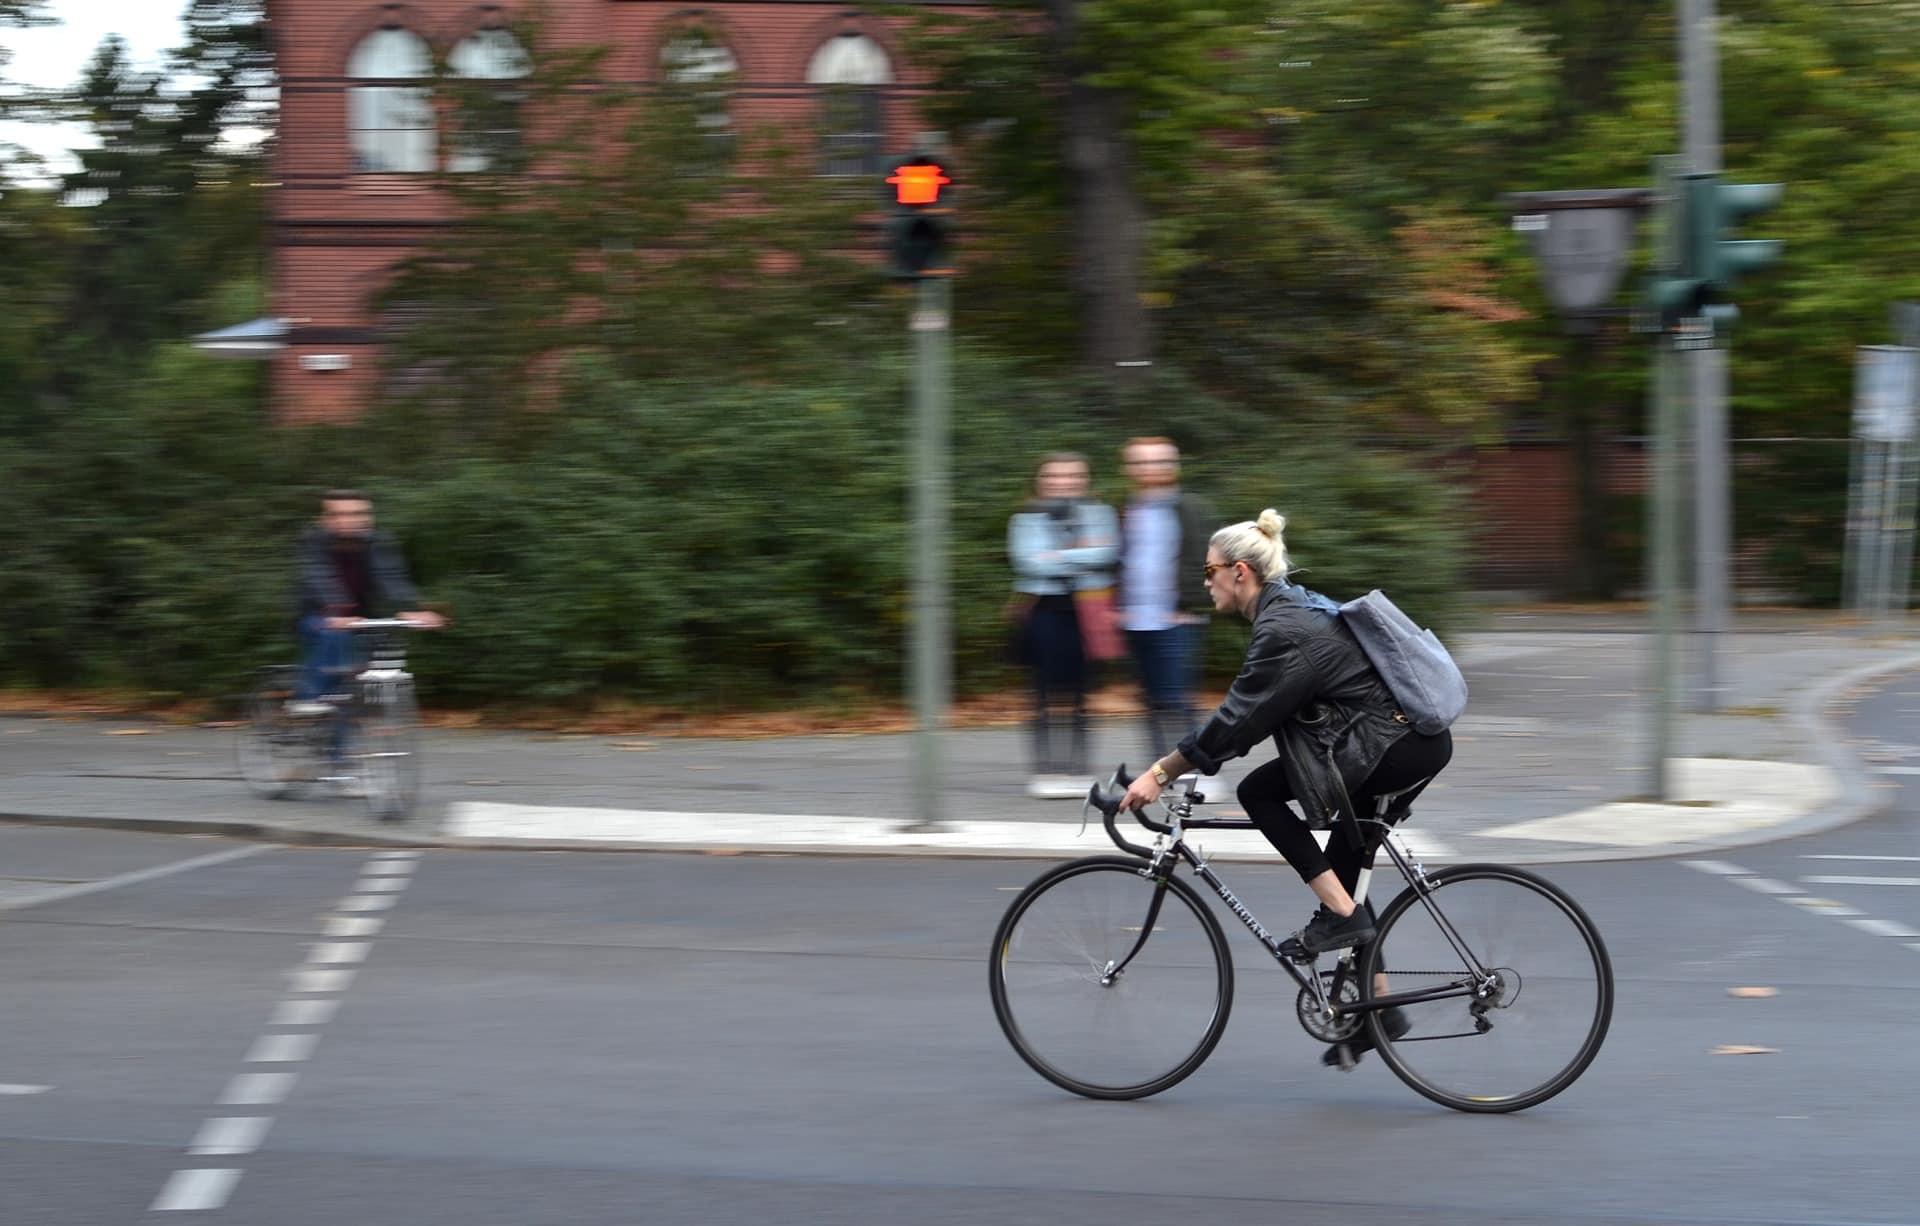 bicycle accident attorney phoenix az